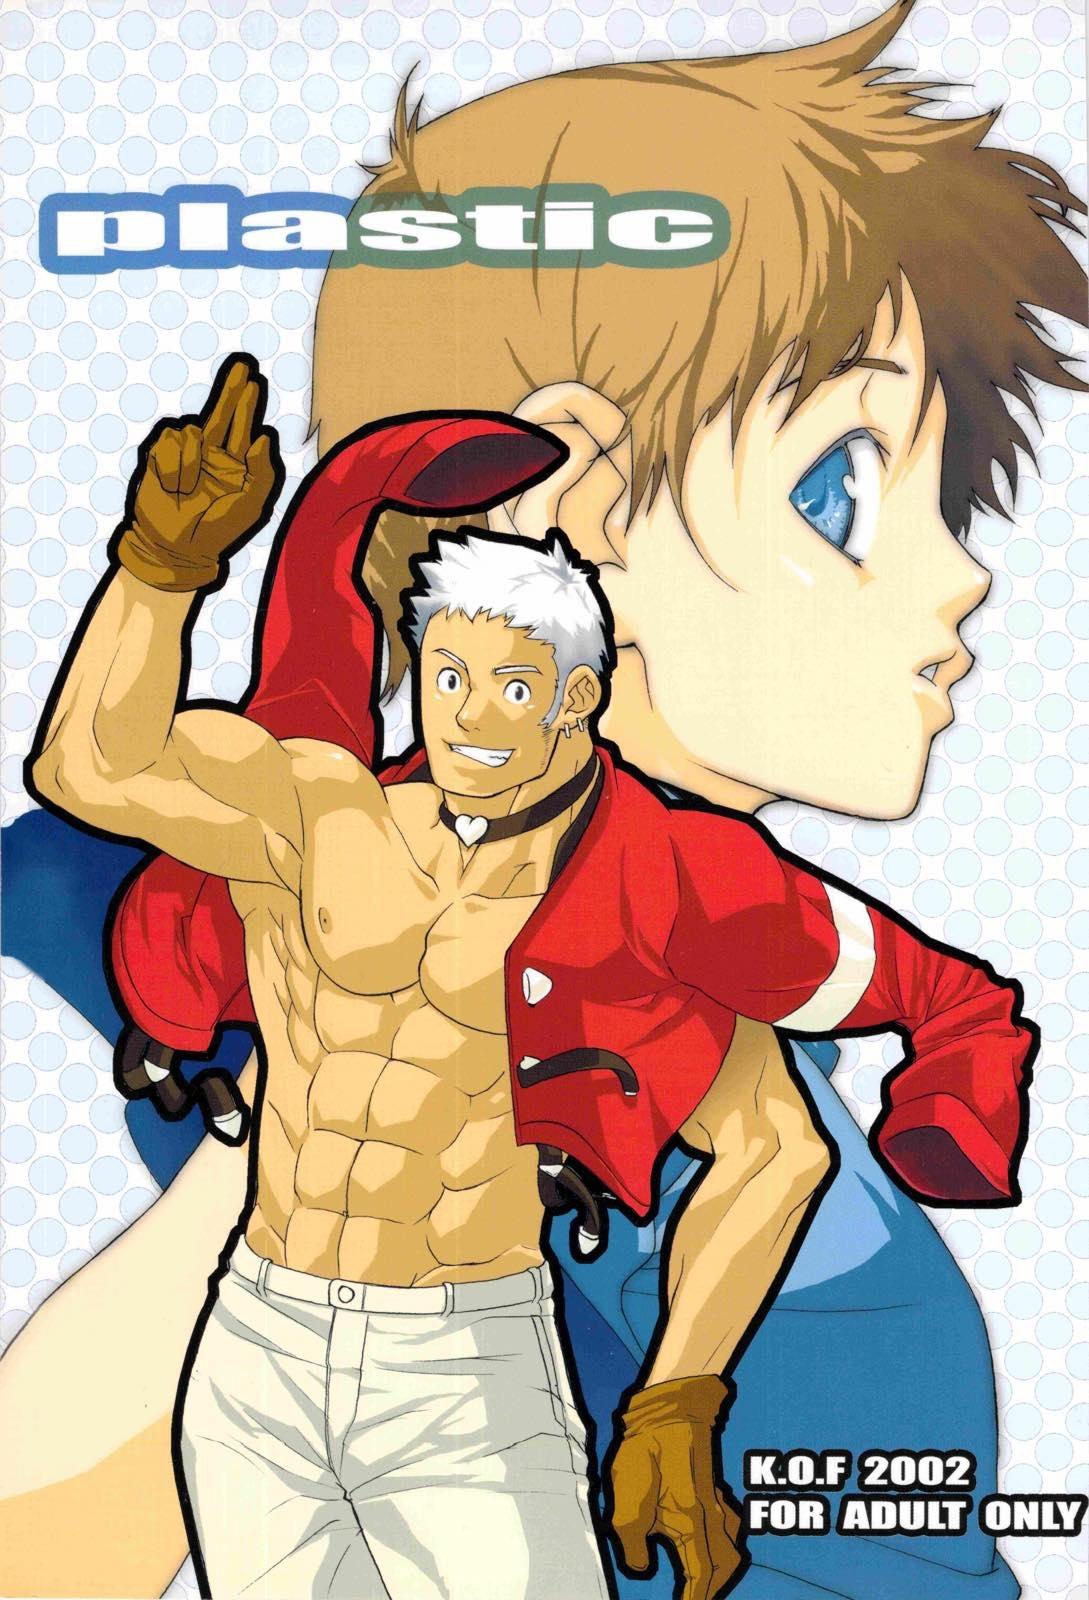 【KOFボーイズラブ漫画】クリス×社「plastic」※BLエロ同人誌【キングオブファイターズ】